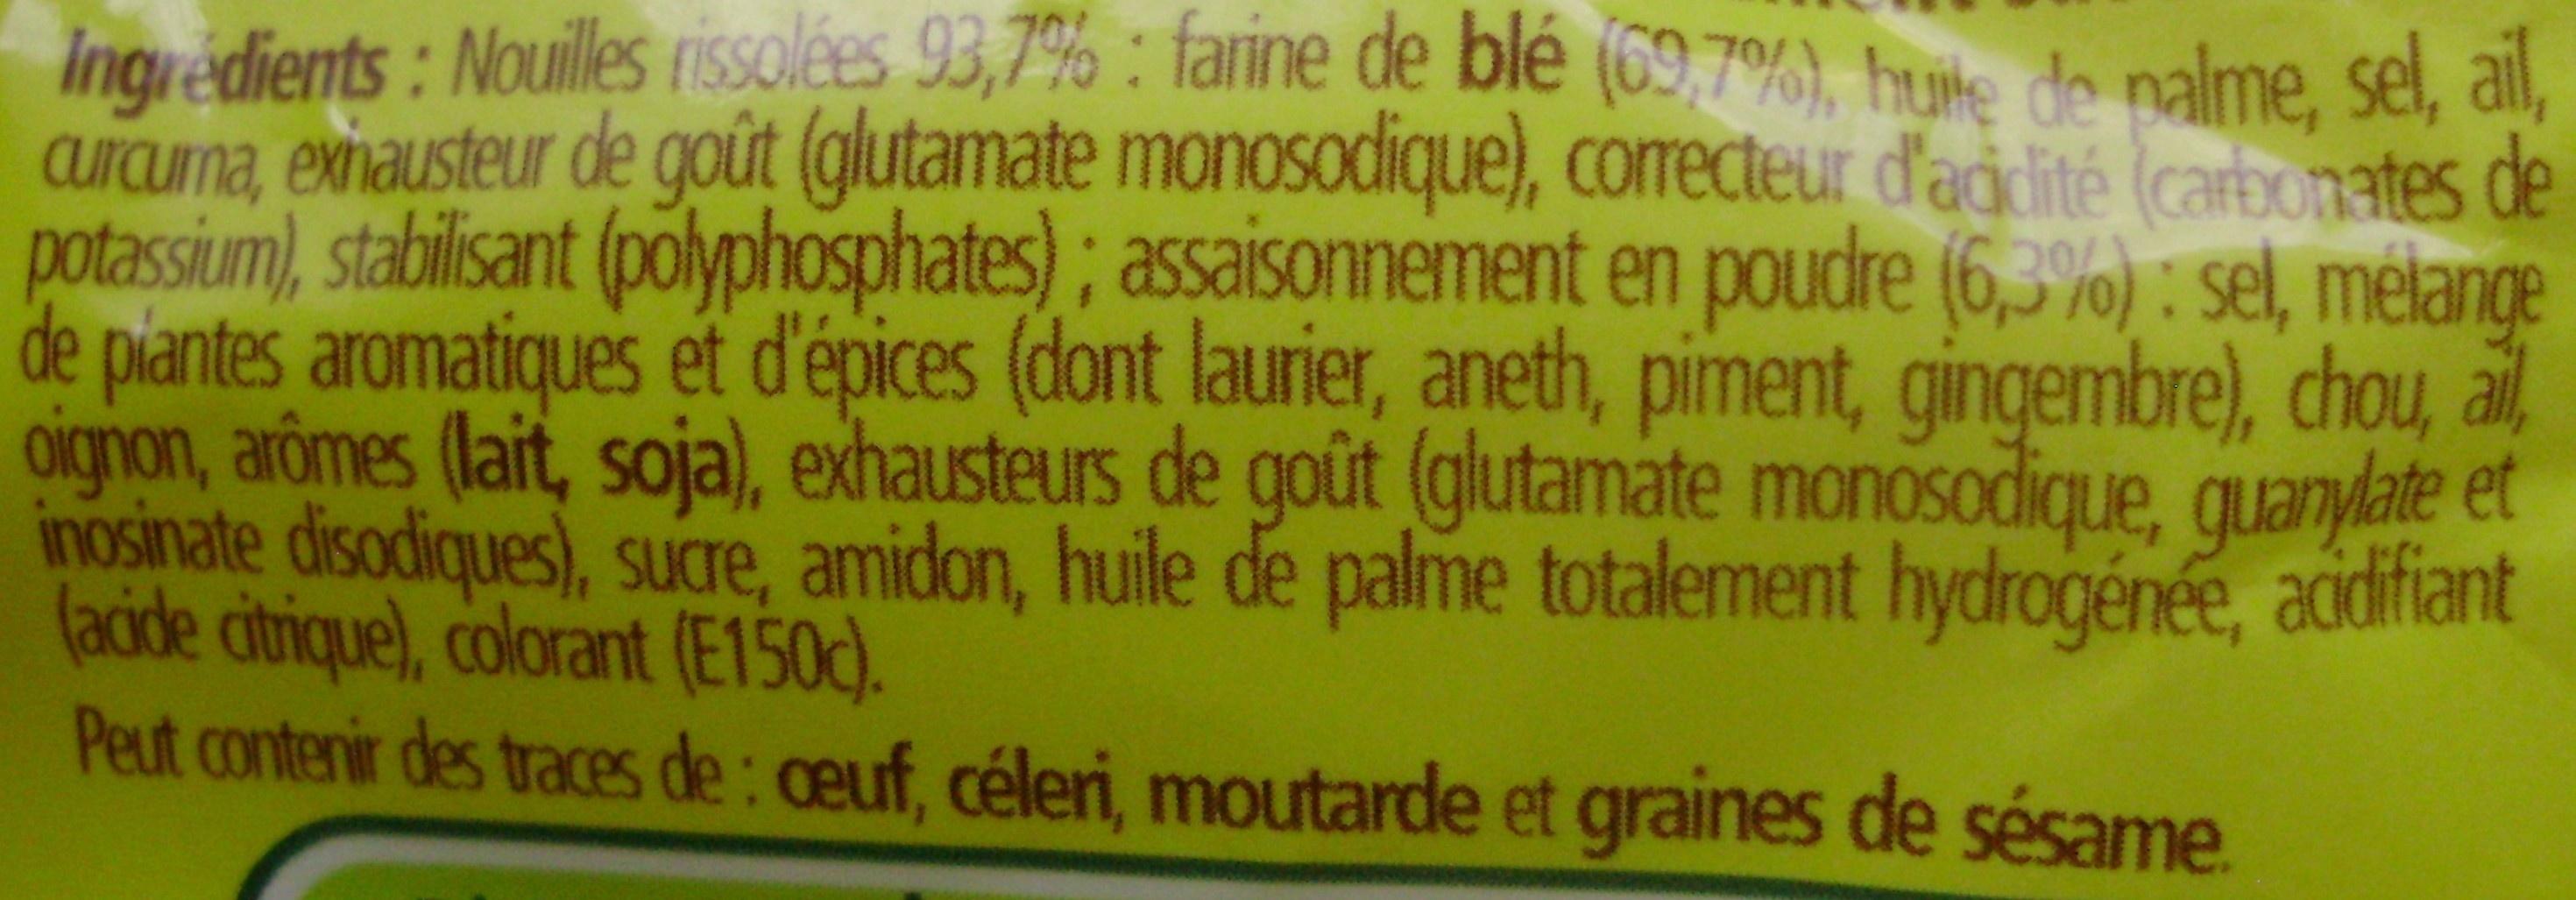 Nouilles au Bœuf - Ingredients